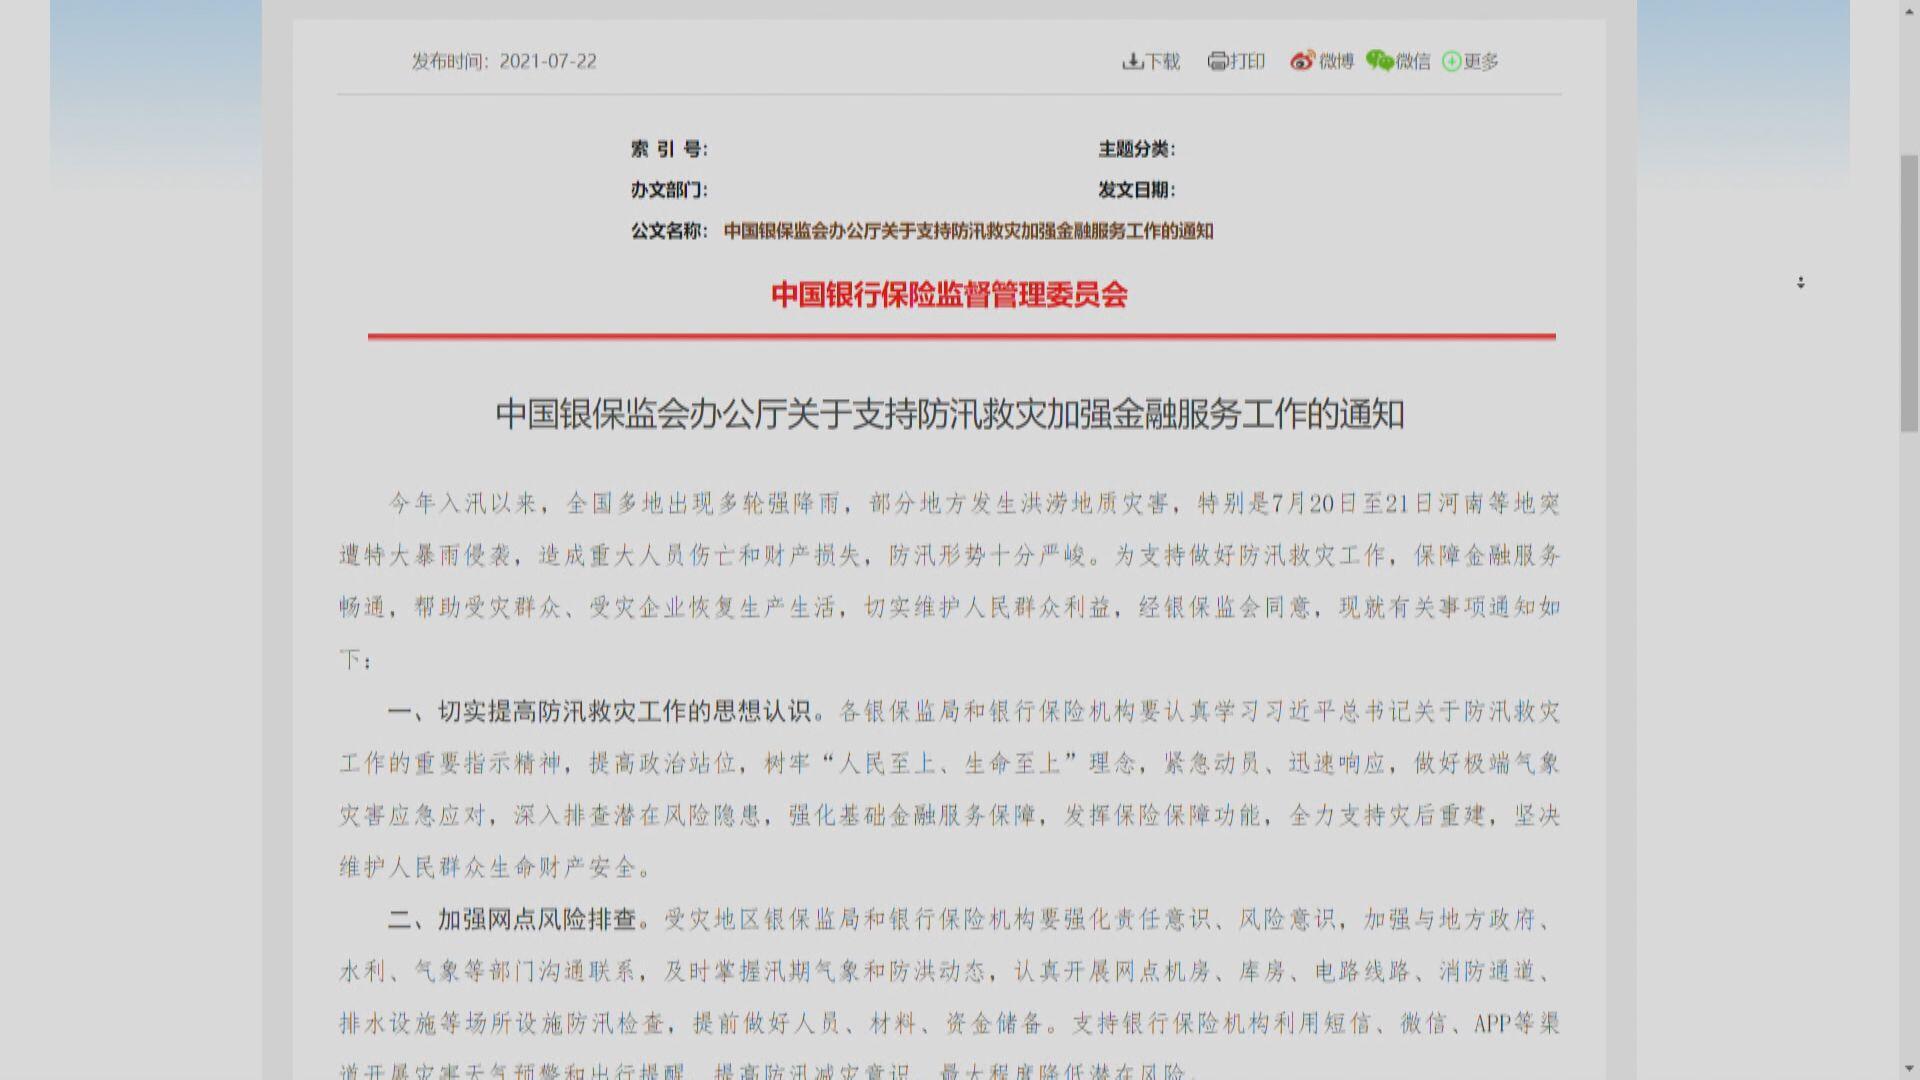 【河南暴雨】銀保監籲減貸款息幫受災企業